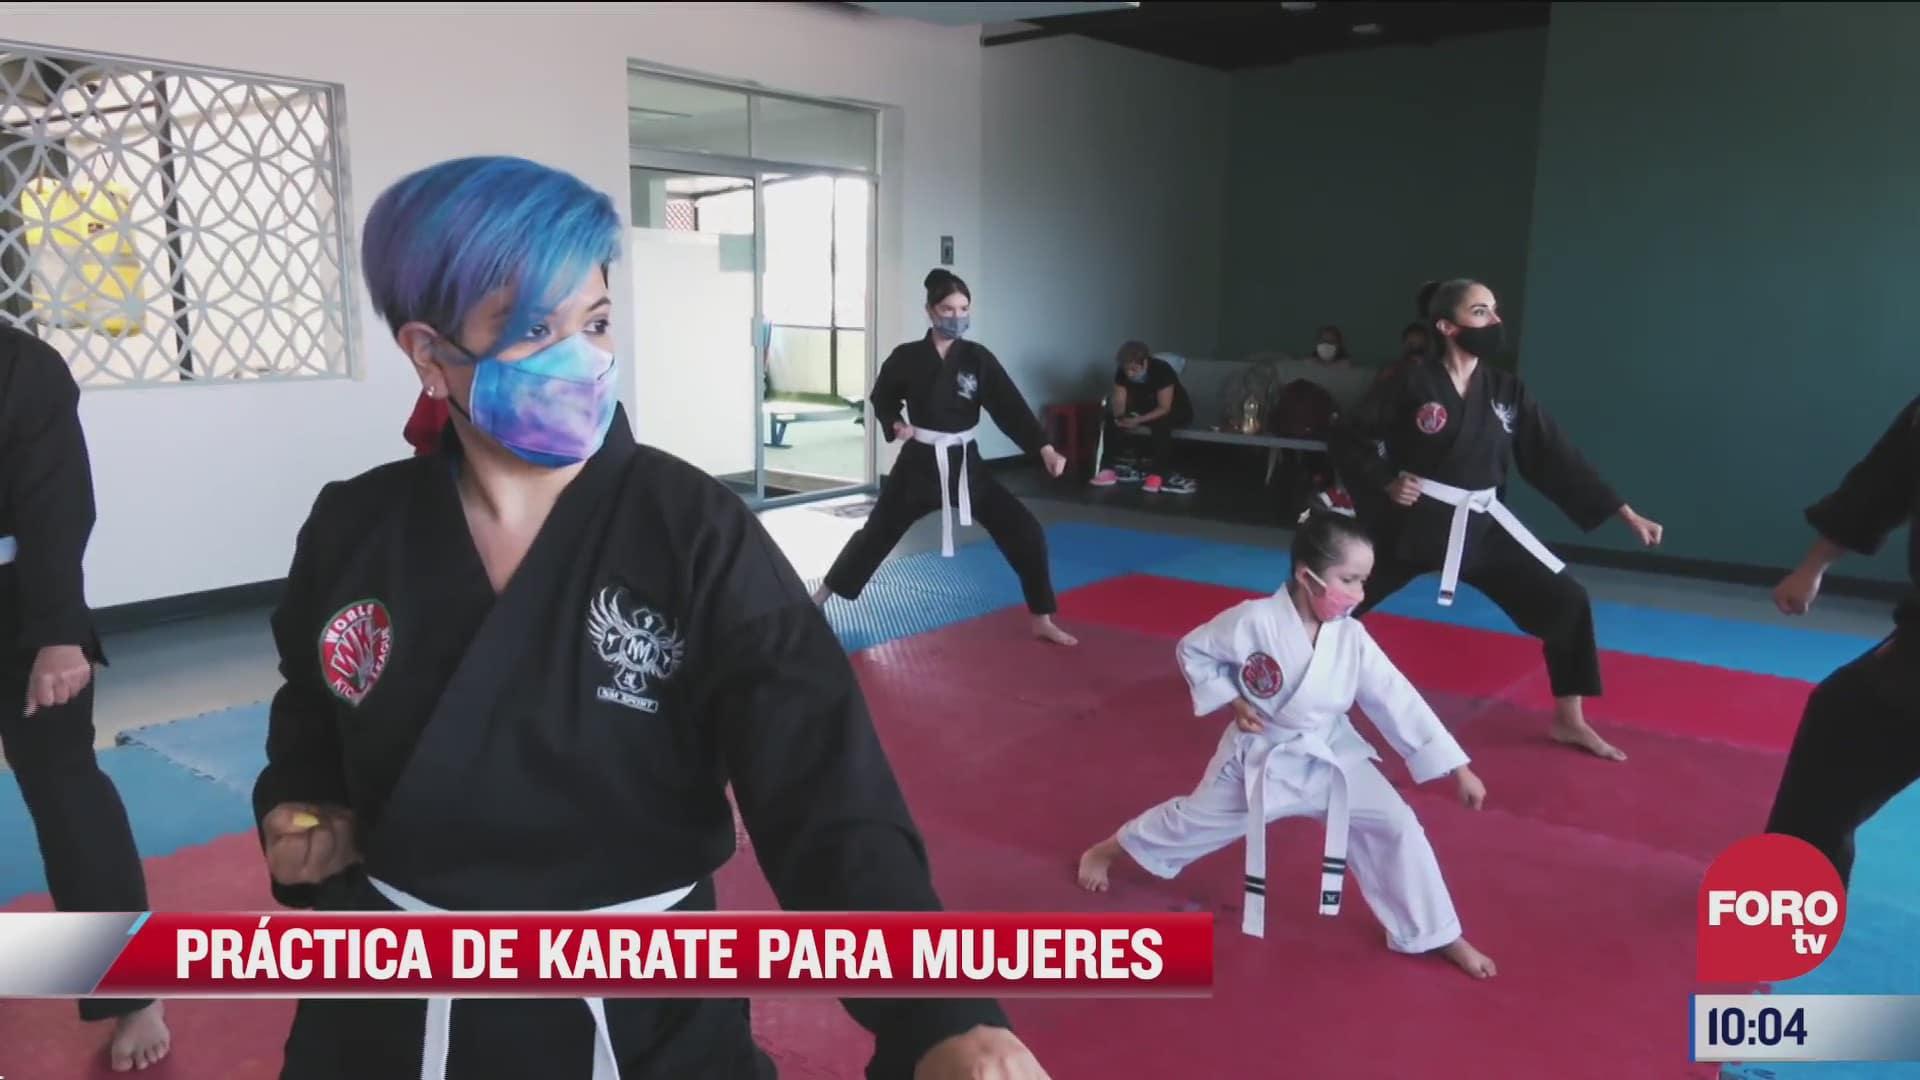 la practica de karate para mujeres